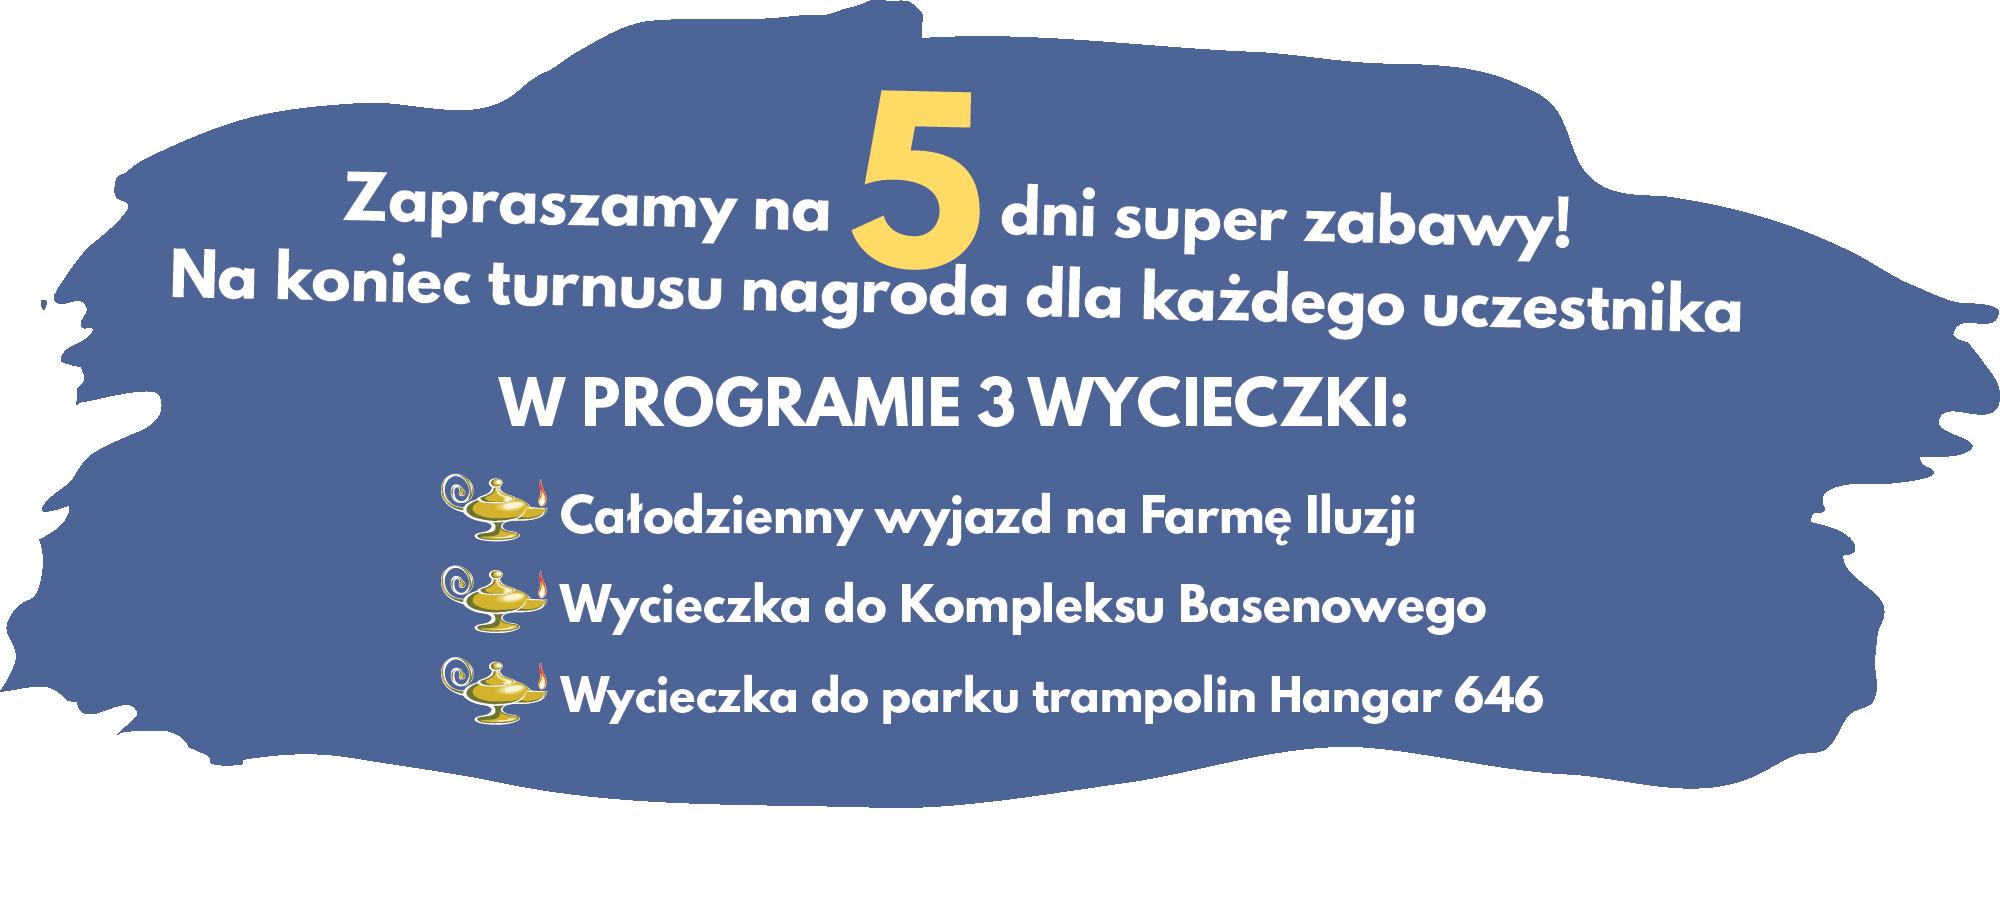 program turnusu dla dzieci